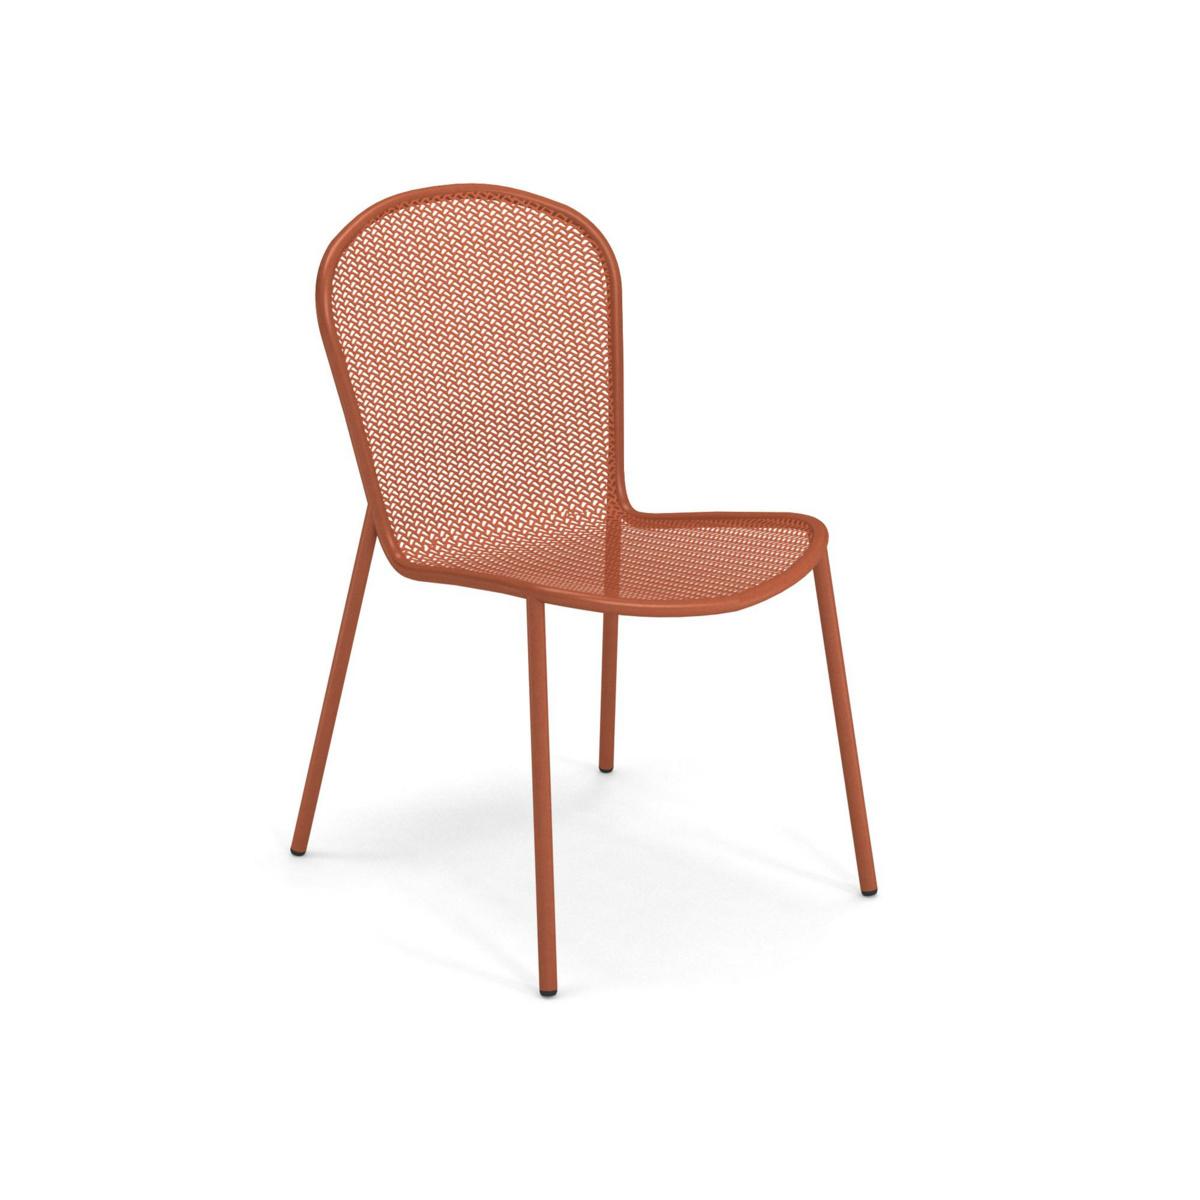 Chaise rose 51,50 cm Ronda